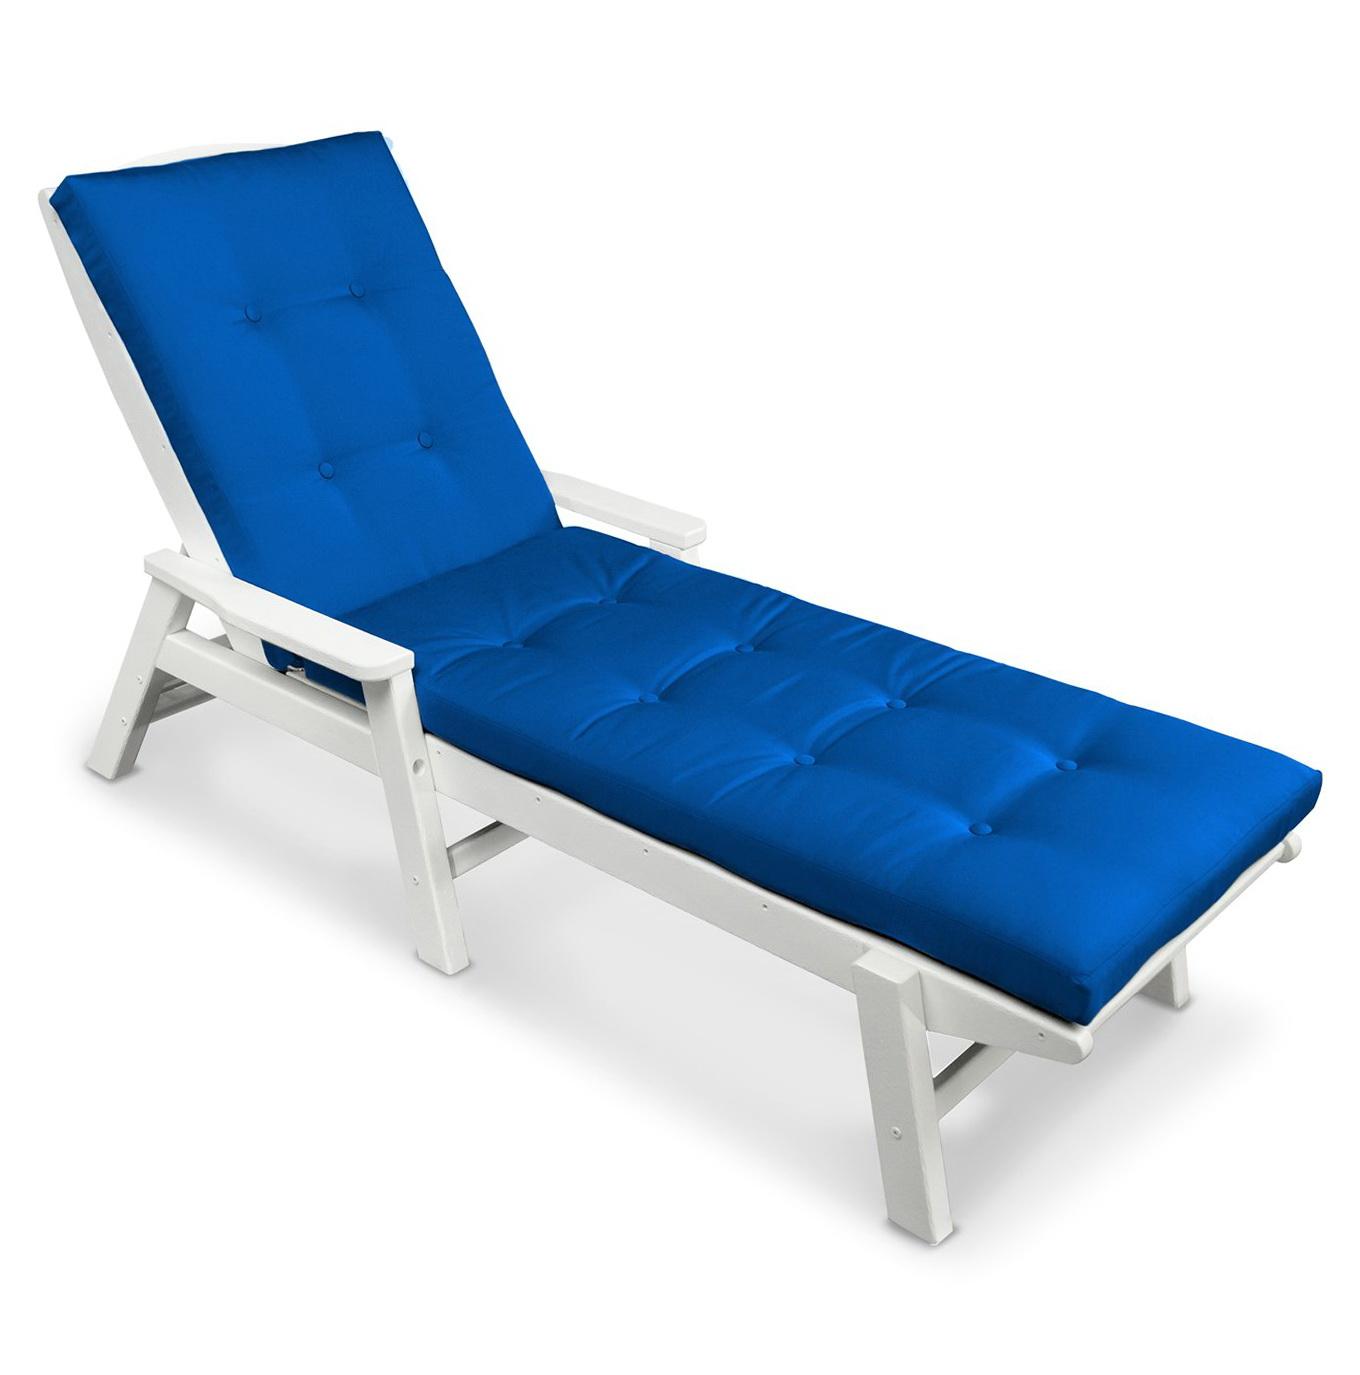 Outdoor chaise cushions sunbrella home design ideas for Chaise cushions sunbrella